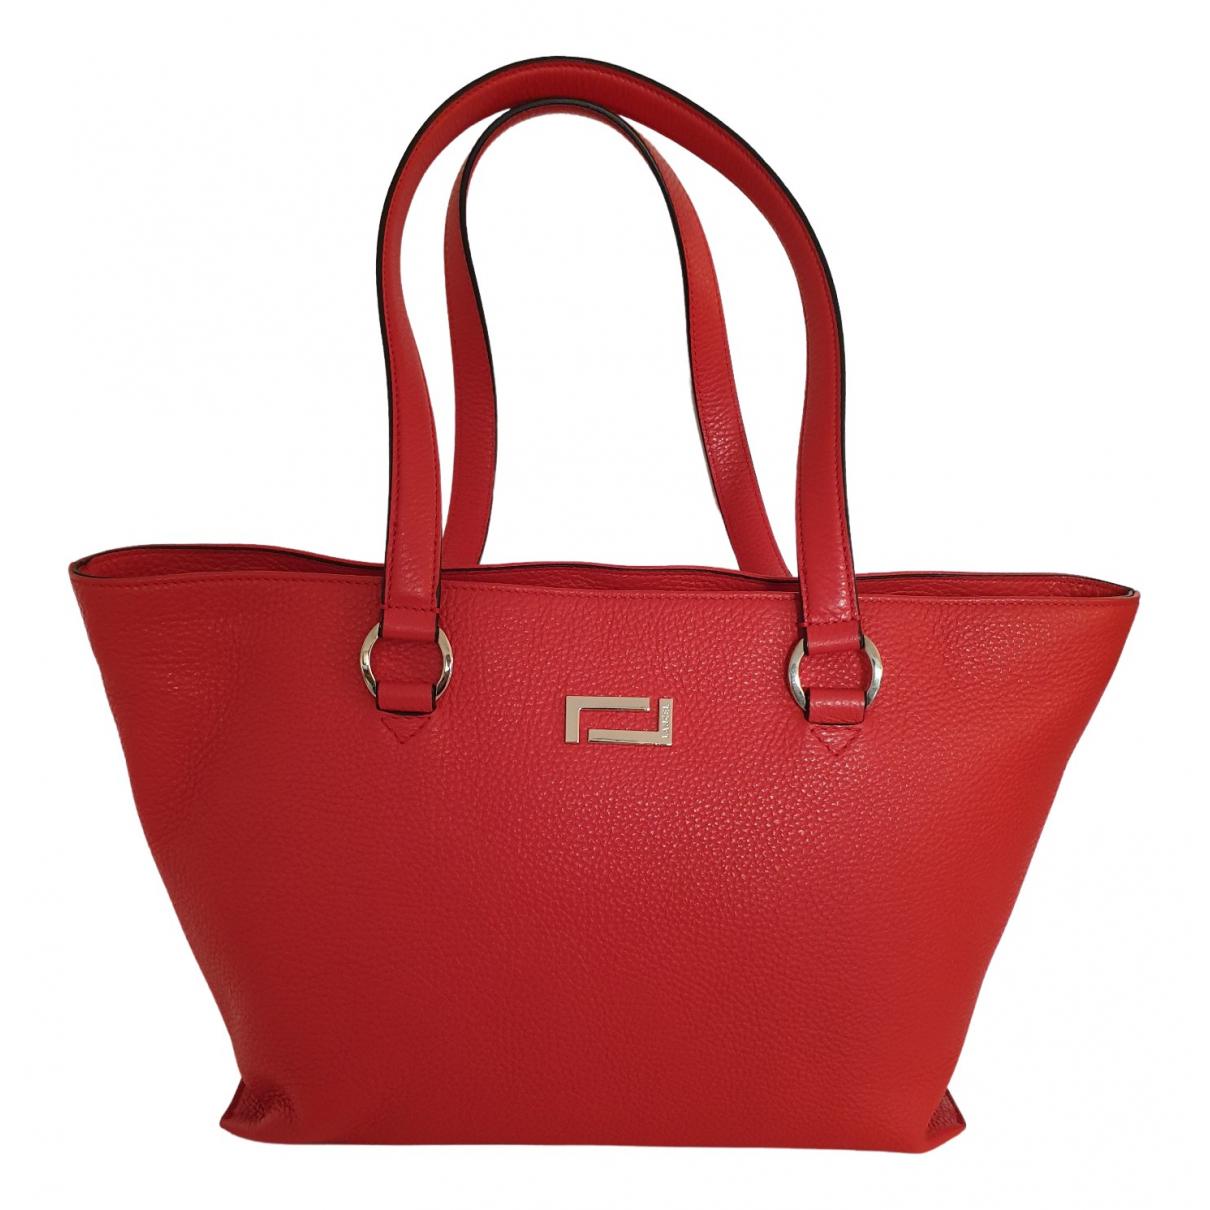 Lancel \N Handtasche in  Rot Leder